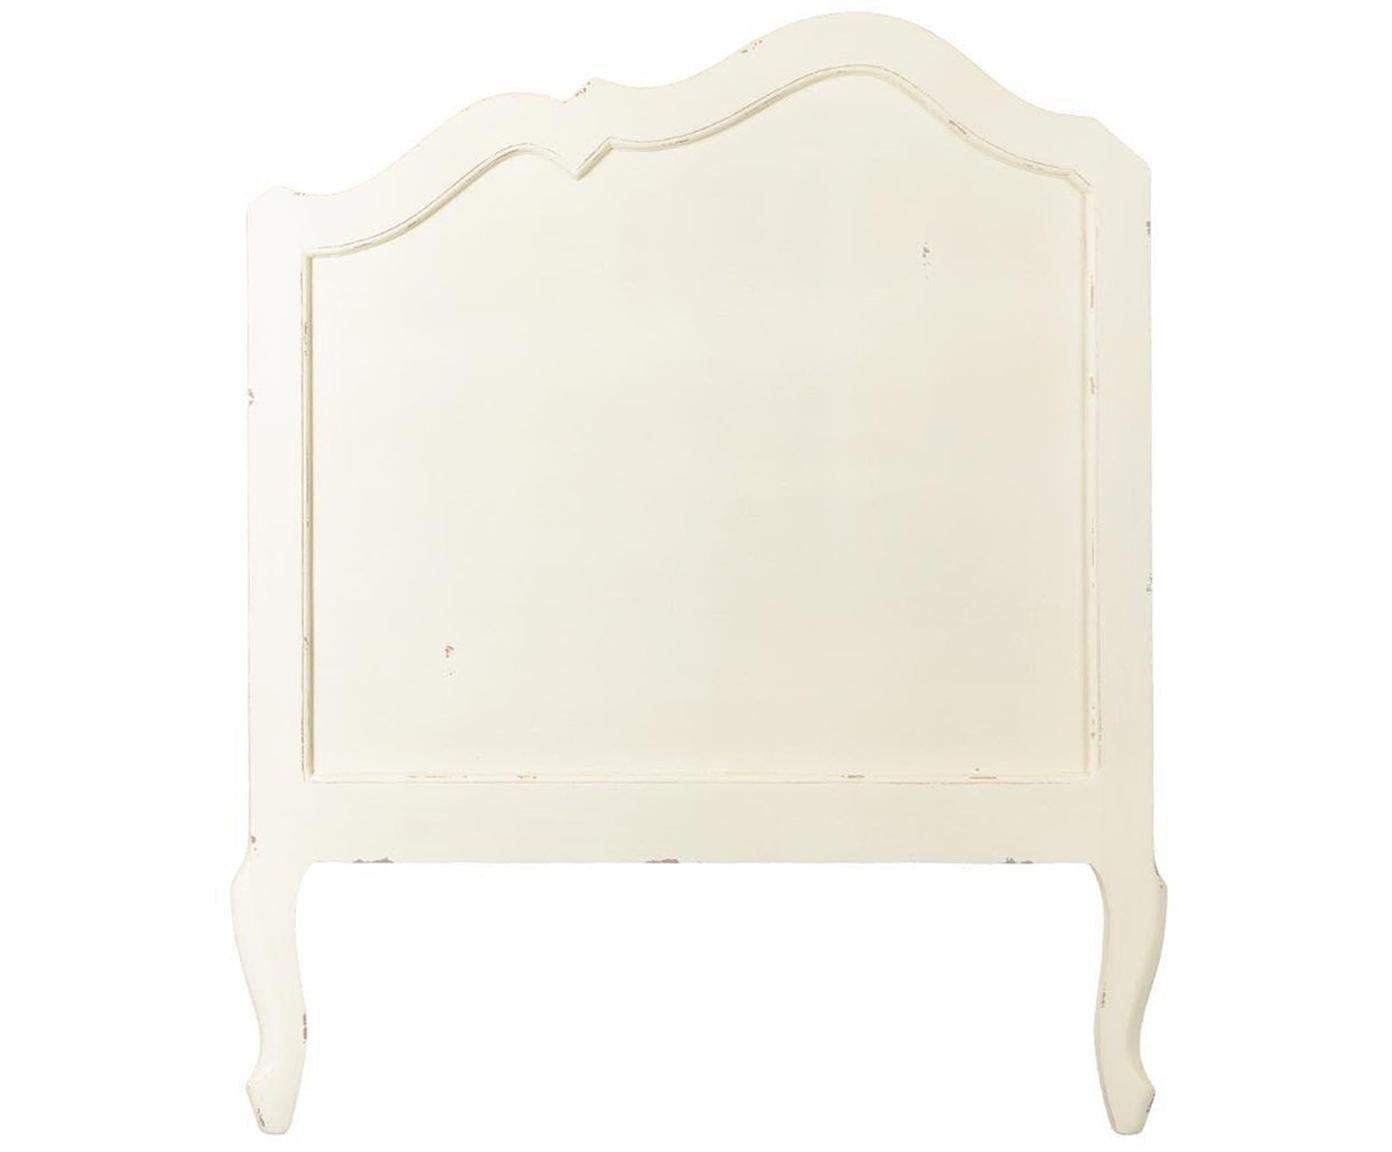 Cabecero Harpe, Tablero de fibras de densidad media (MDF), Blanco, An 105 x Al 125 cm